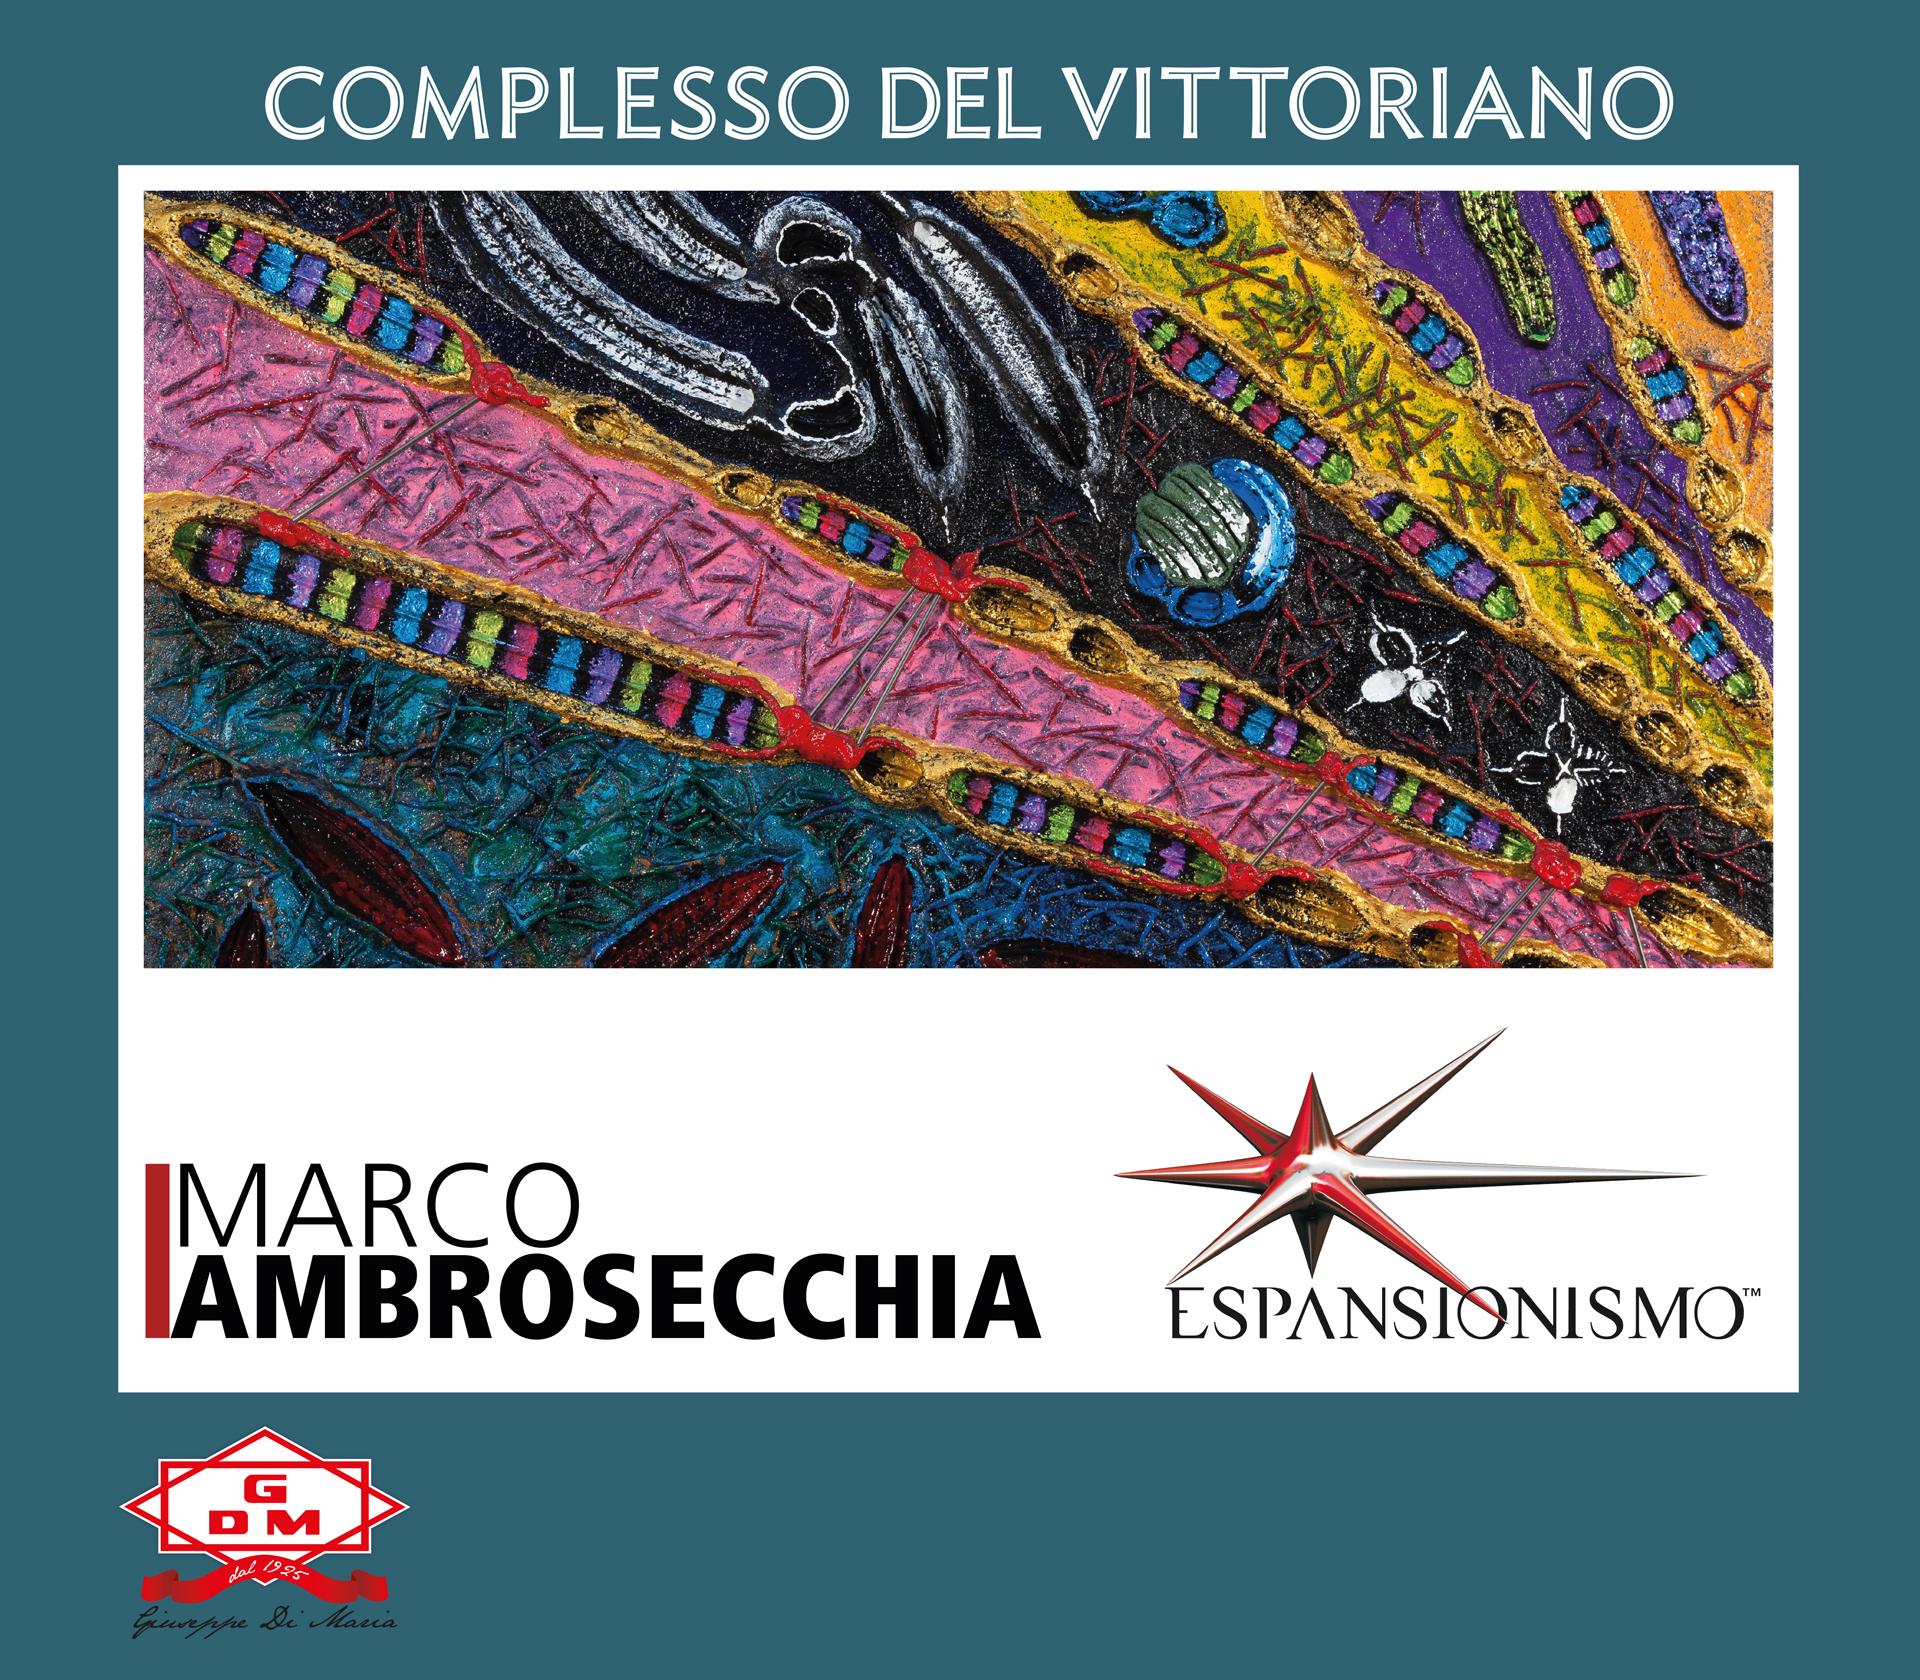 MARCO AMBROSECCHIA | ESPANSIONISMO in Rome